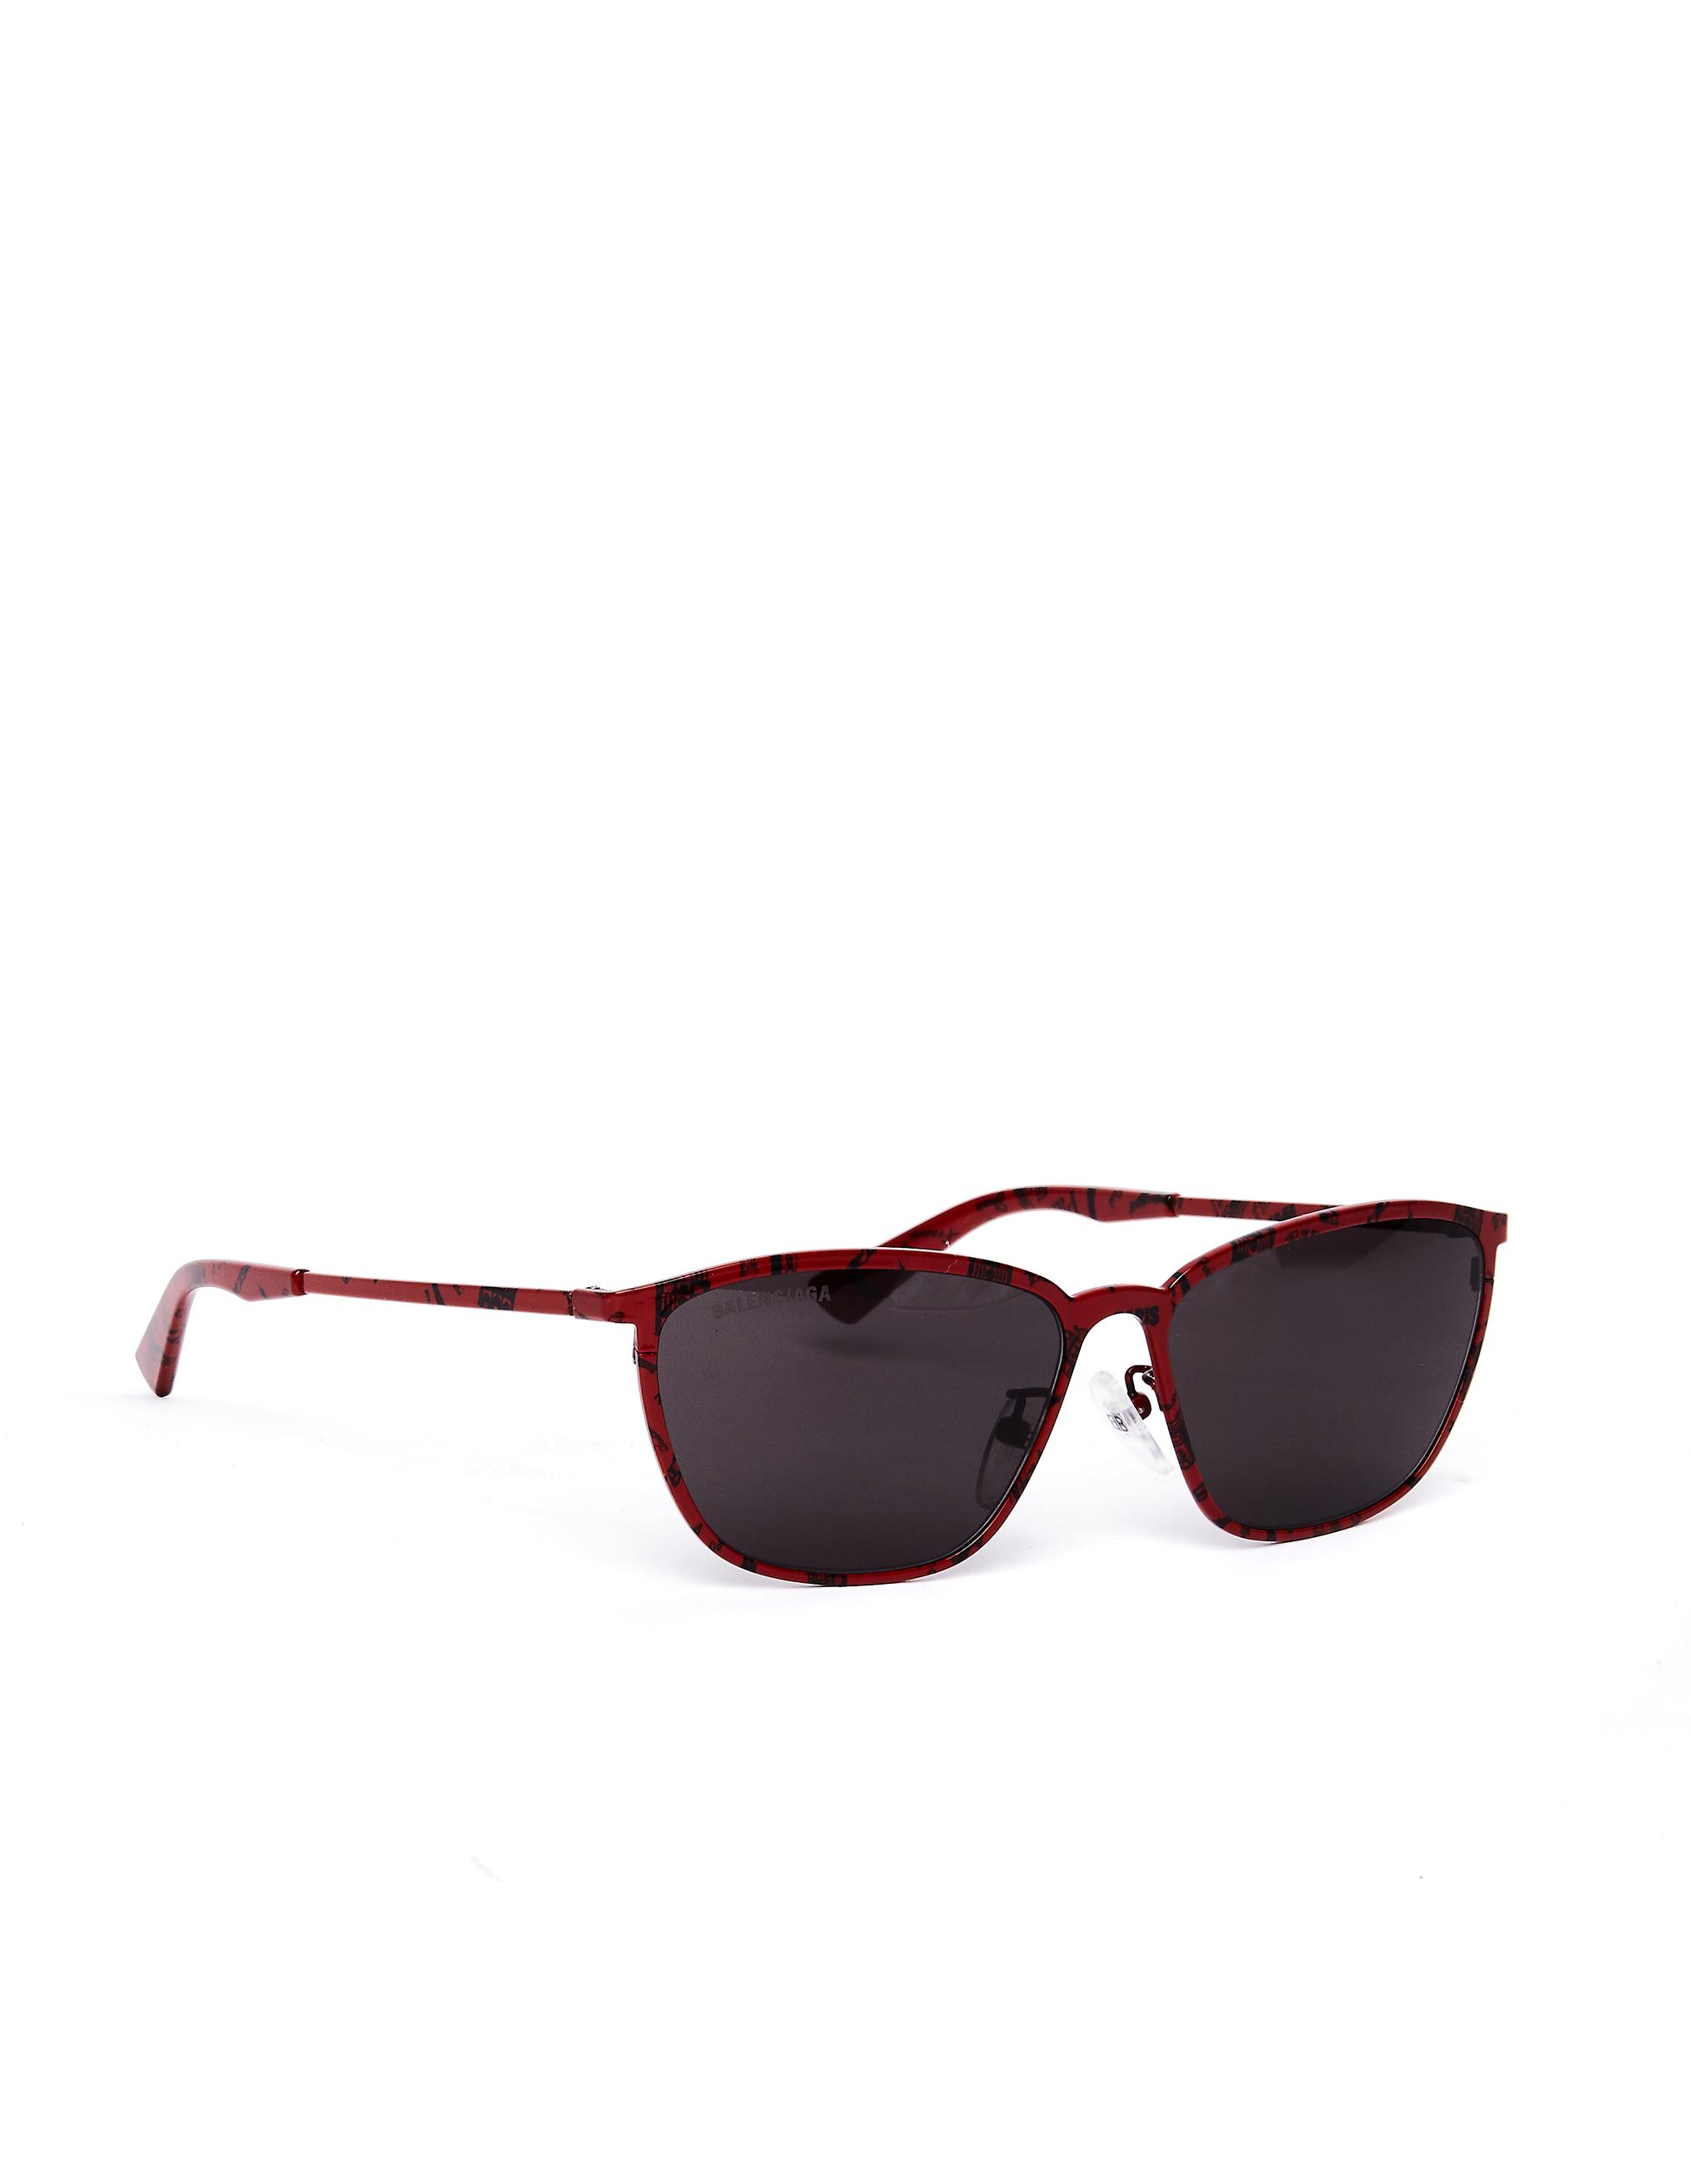 Balenciaga Red Paris Printed D-Frame Sunglasses